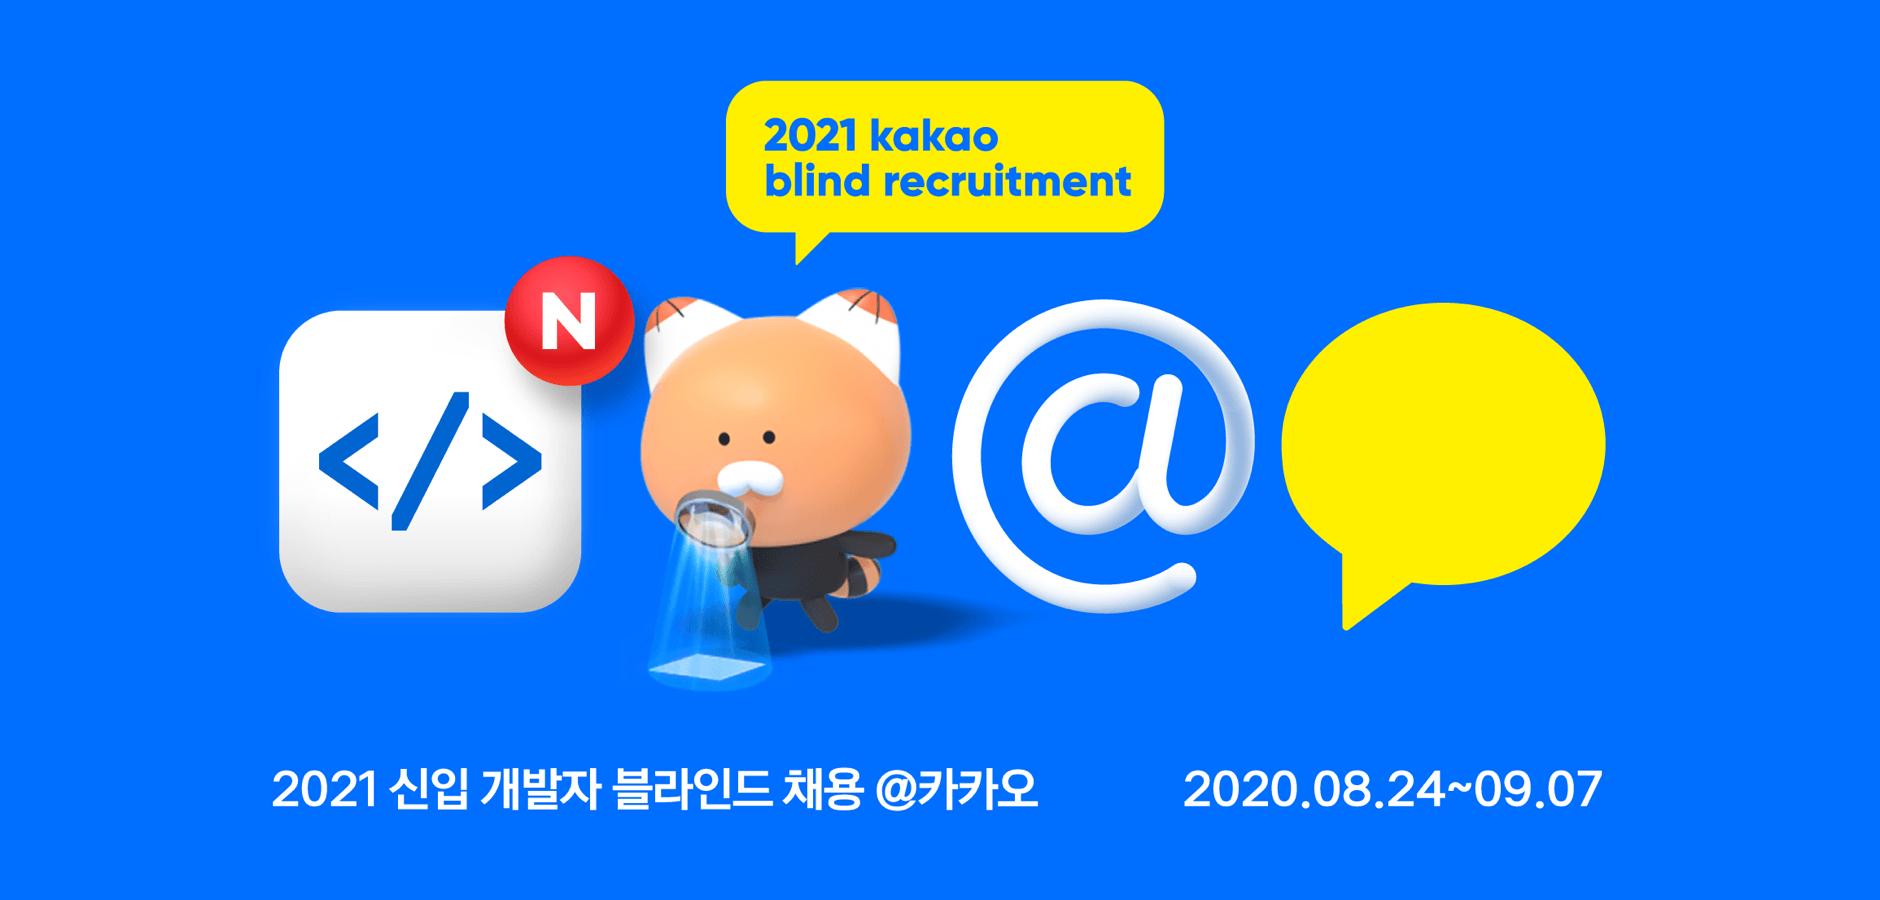 2021 kakao blind recruitment 2020.08.24~09.07 신입 개발자 블라인드 채용